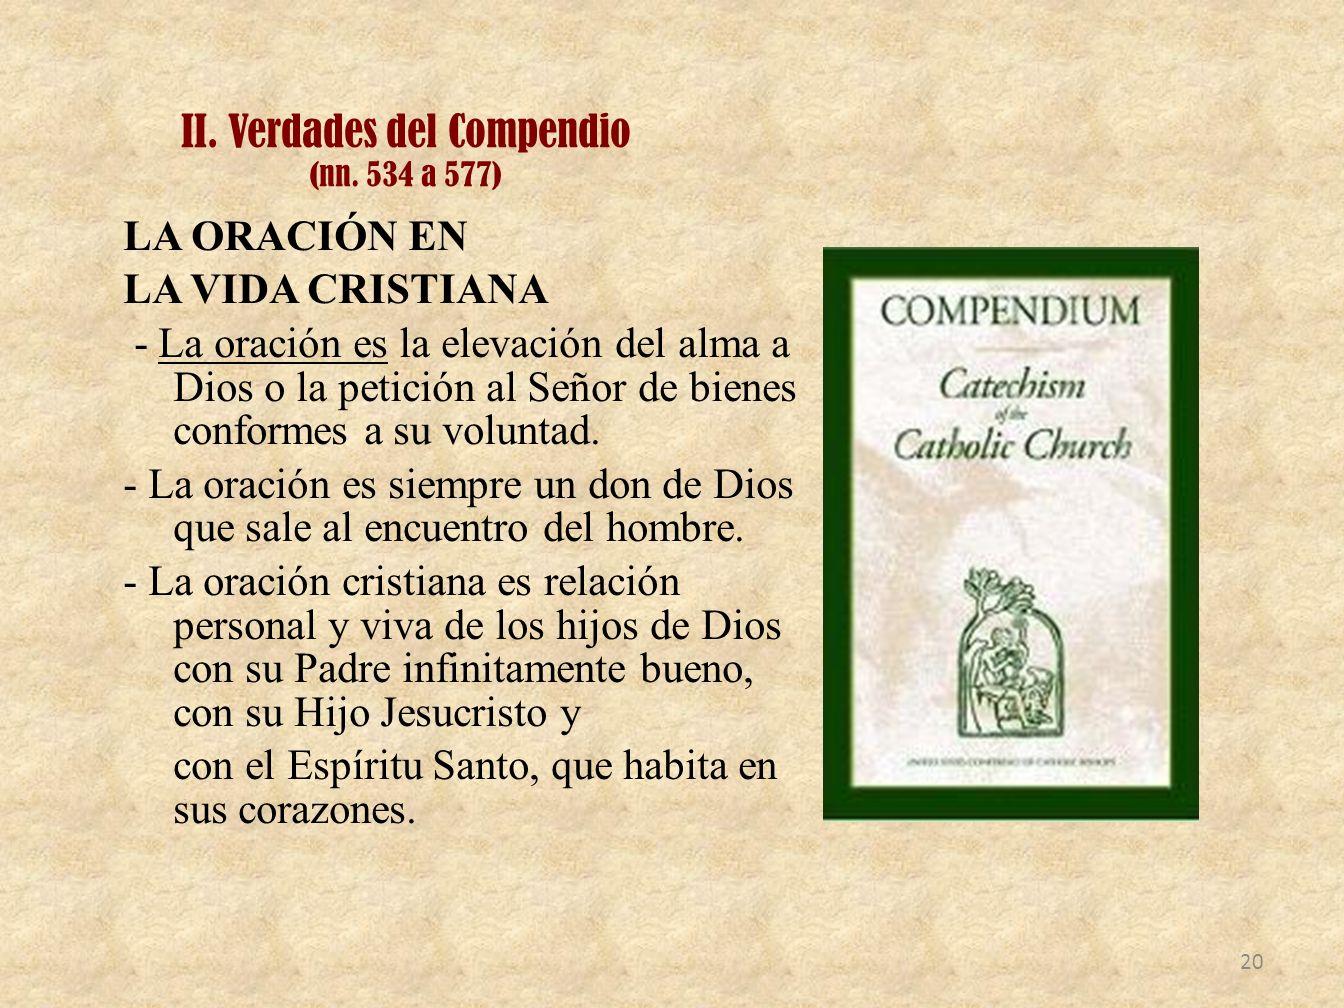 II. Verdades del Compendio (nn. 534 a 577) LA ORACIÓN EN LA VIDA CRISTIANA - La oración es la elevación del alma a Dios o la petición al Señor de bien